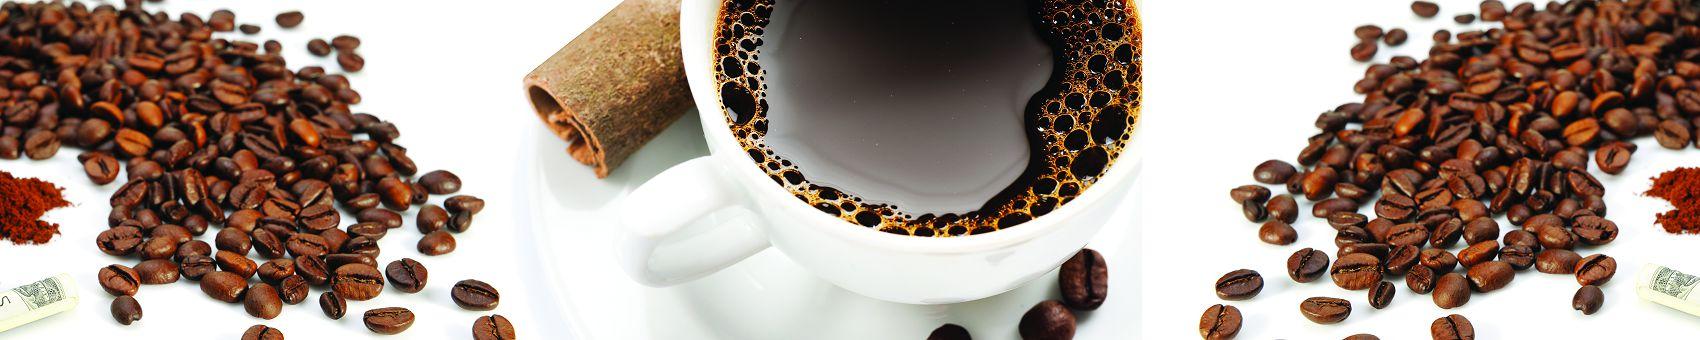 Кофейная чашка с зернами кофе